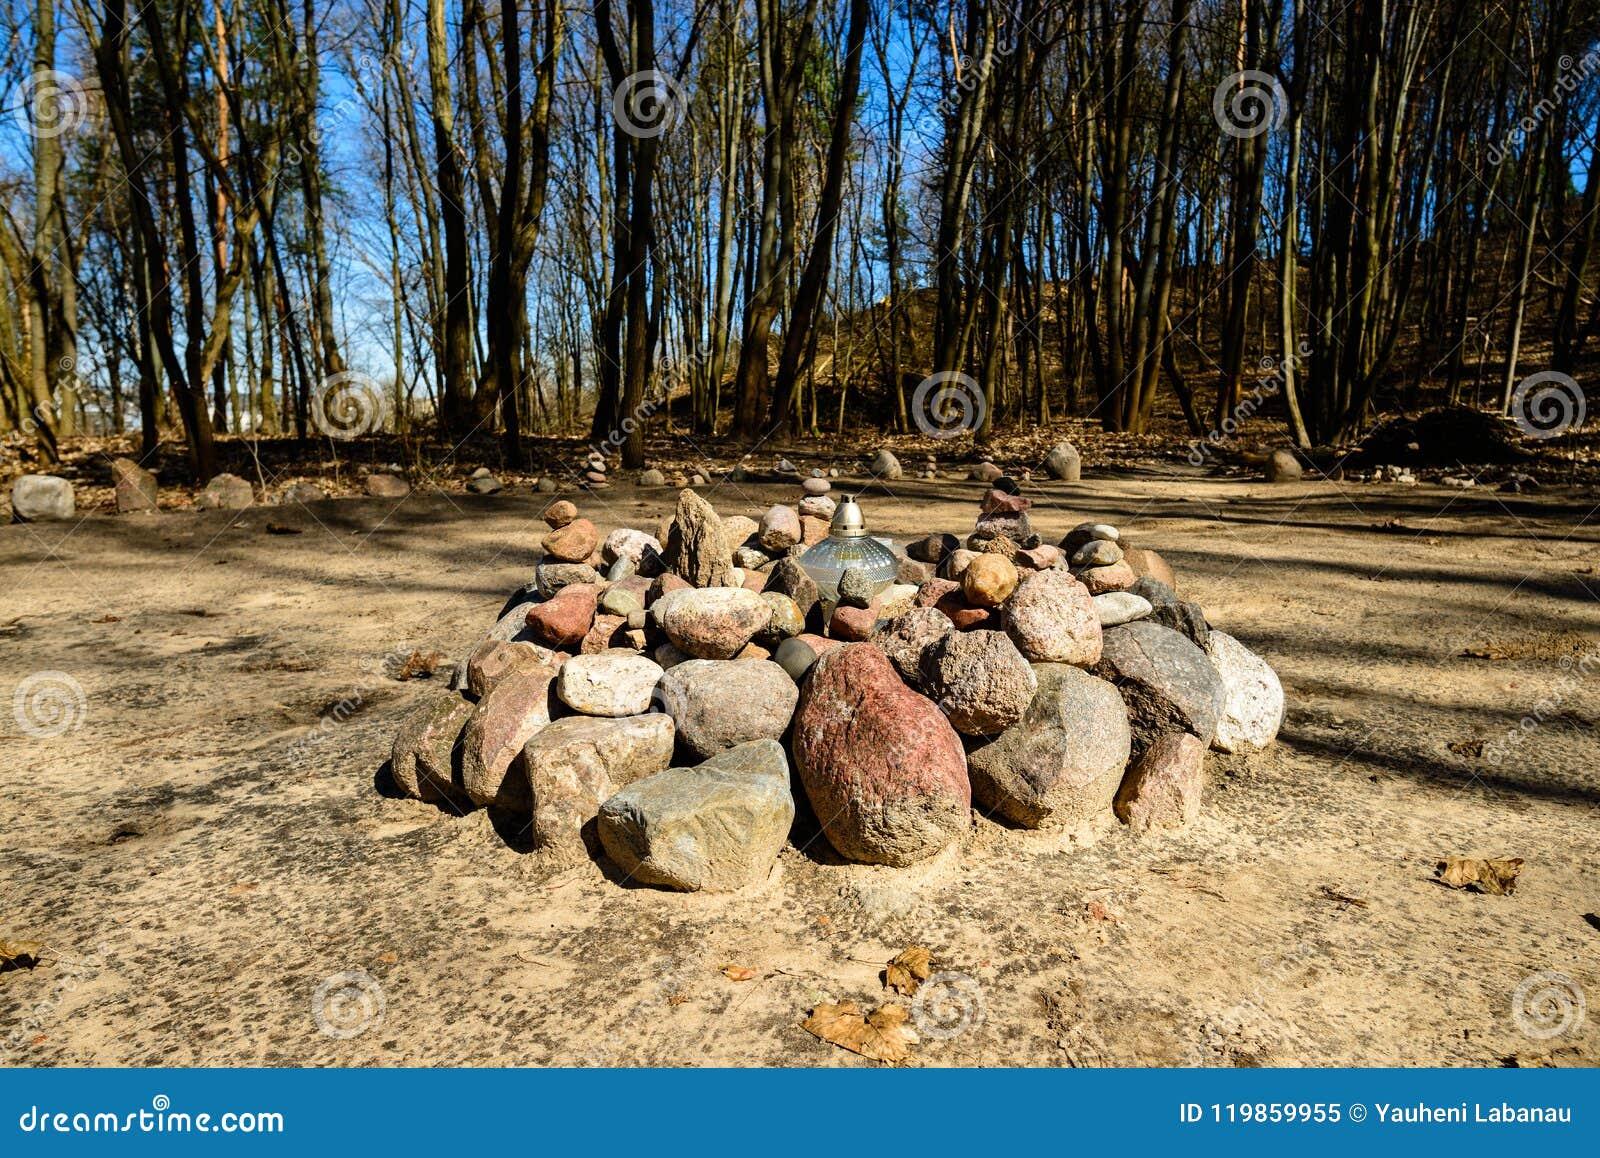 Platz für Ritualzeremonien im Wald